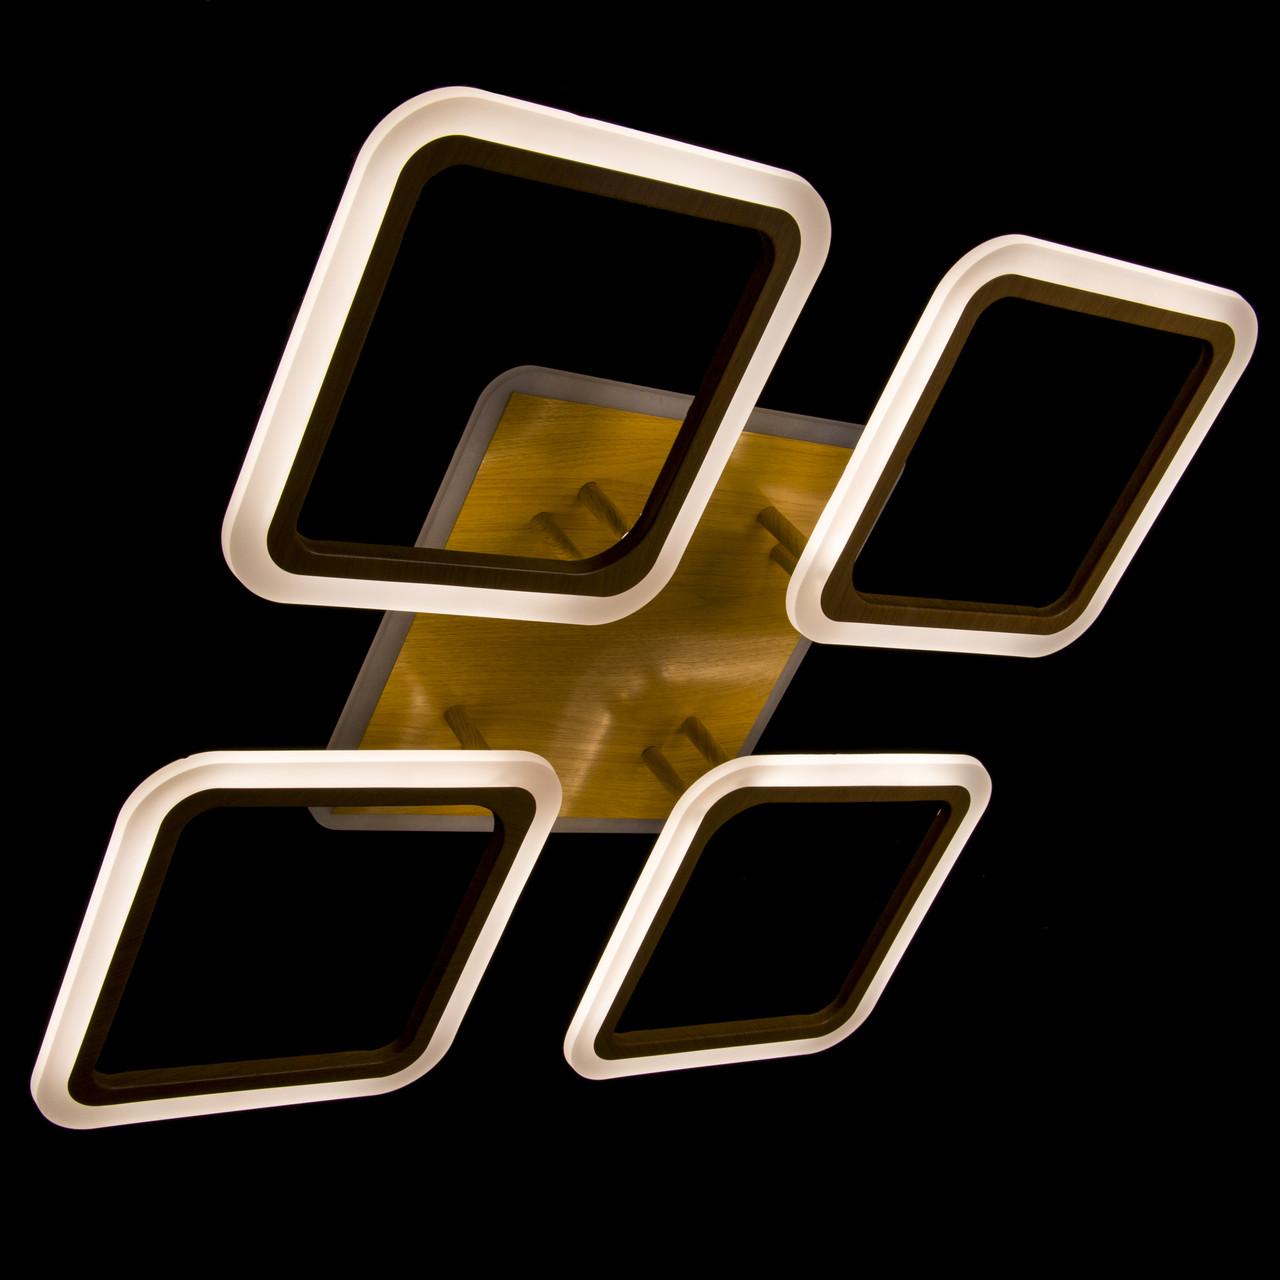 Стельова світлодіодна люстра з діммером і підсвічуванням підстави P5-YH065/4/WOOD